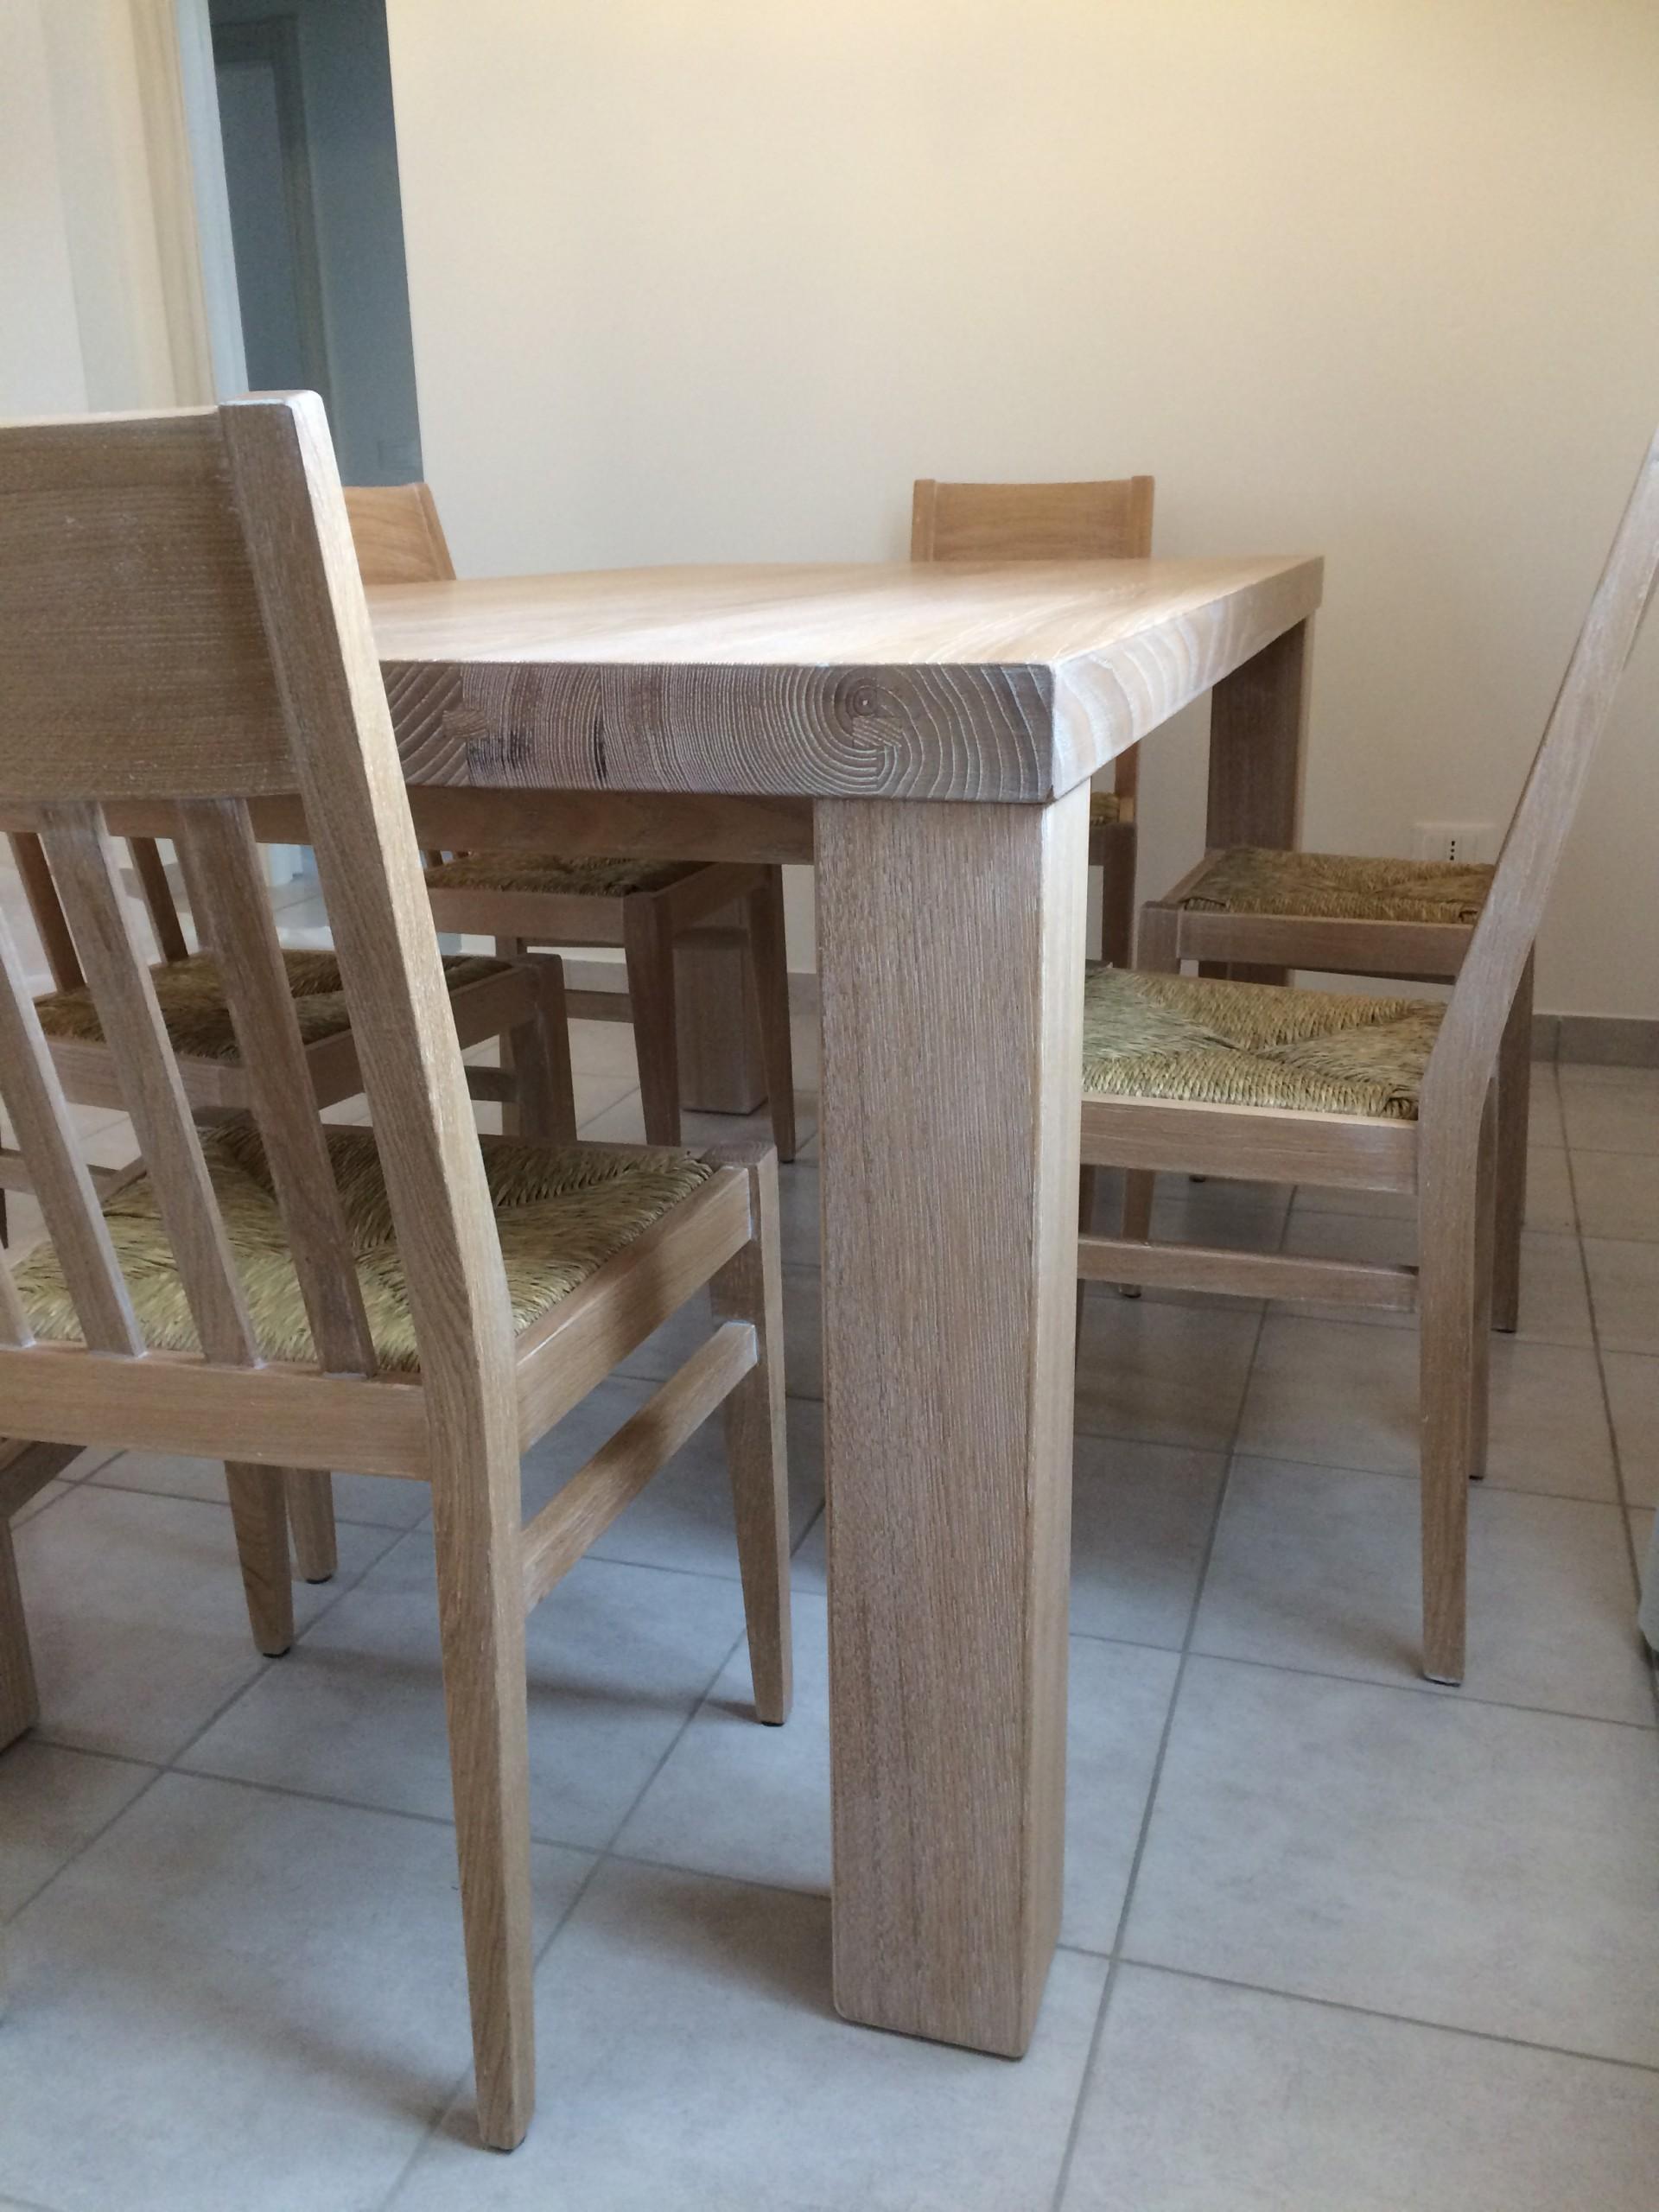 Tavolo rustico legno with tavolo rustico legno outdoor for Costruire tavolo legno rustico